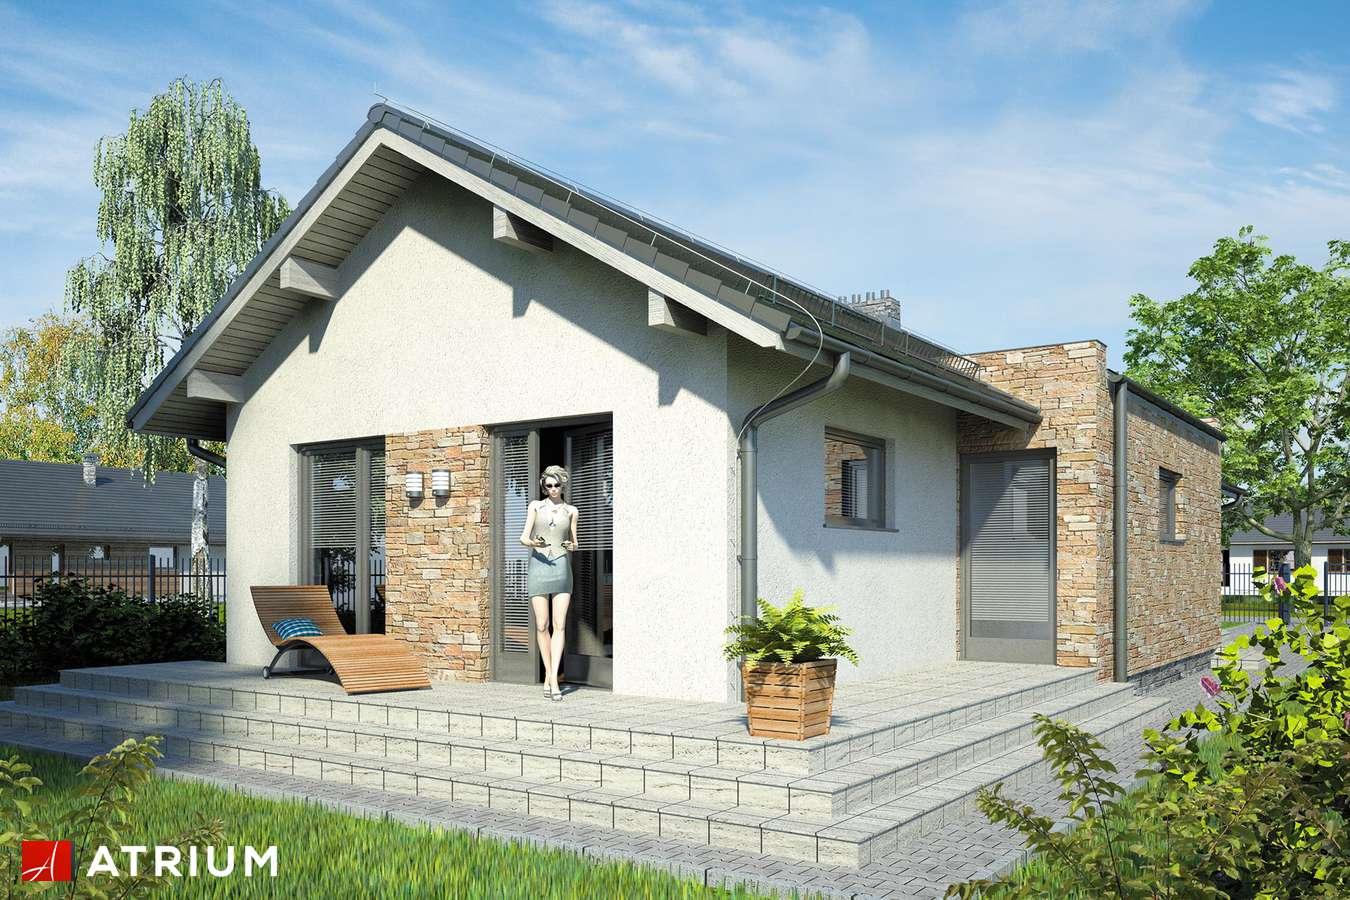 Projekty domów - Projekt domu parterowego NEPTUN - wizualizacja 2 - wersja lustrzana